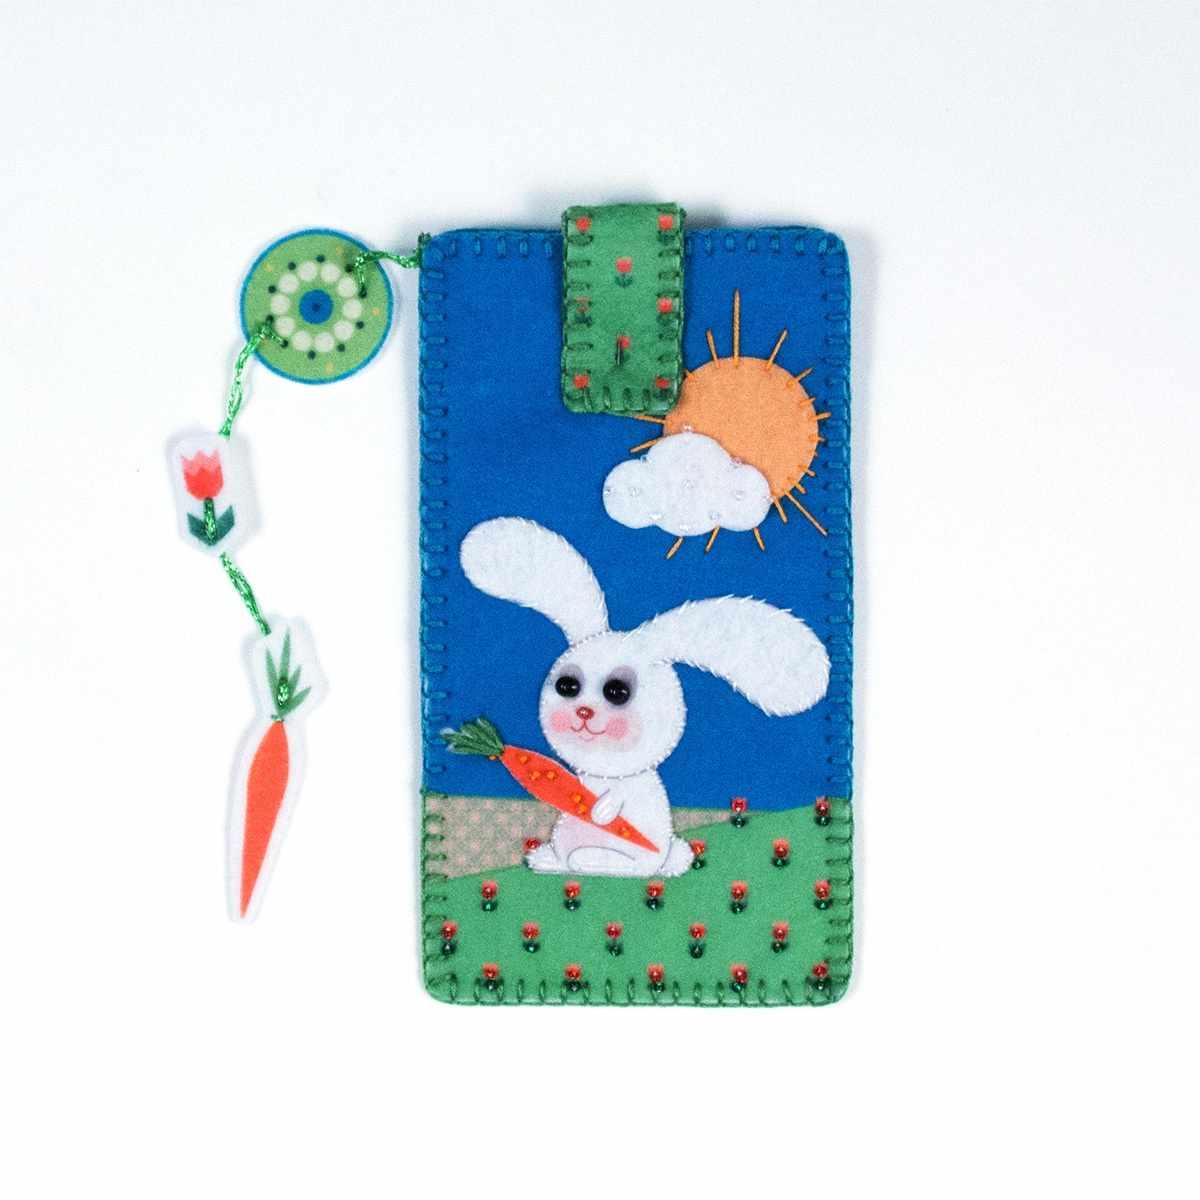 """8368 Чехол для телефона """"Зайка на лужайке"""" - набор для вышивания (МП)"""